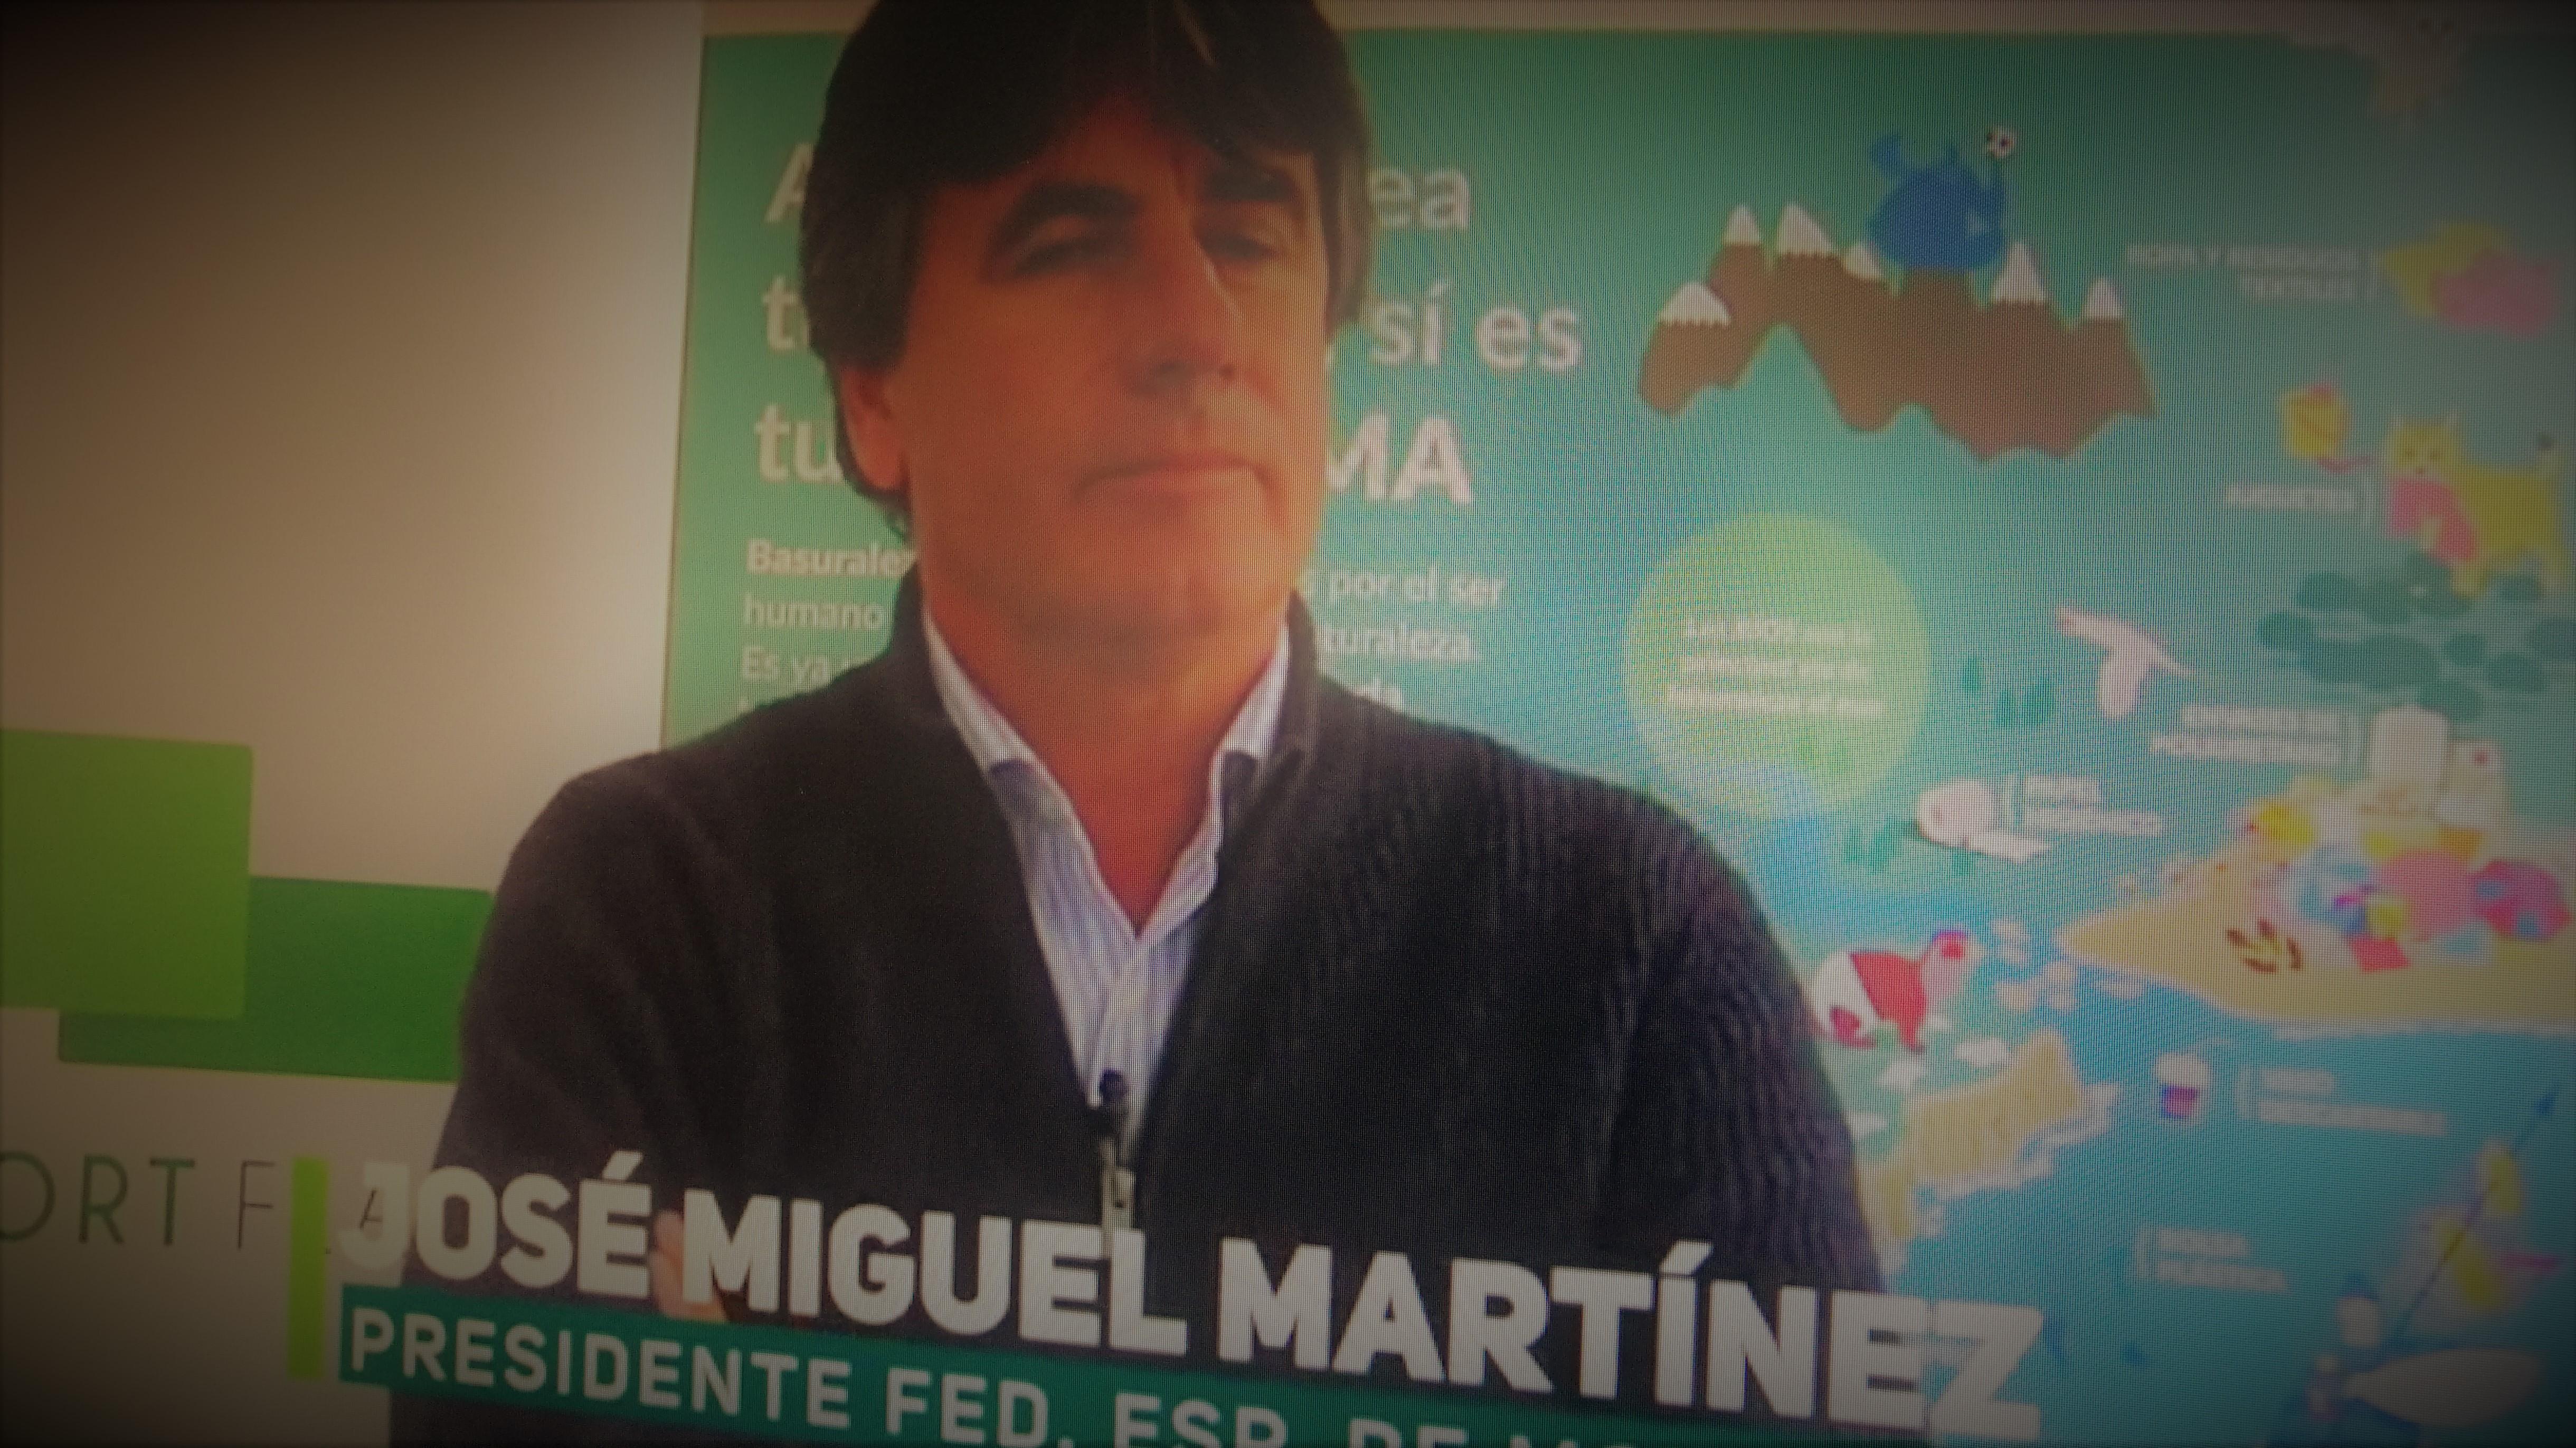 Miguel Martínez, Presidente de la Federación Española de Motonautica, analiza el I SIMPOSIO DE FEDERACIONES DE DEPORTES DE AGUA